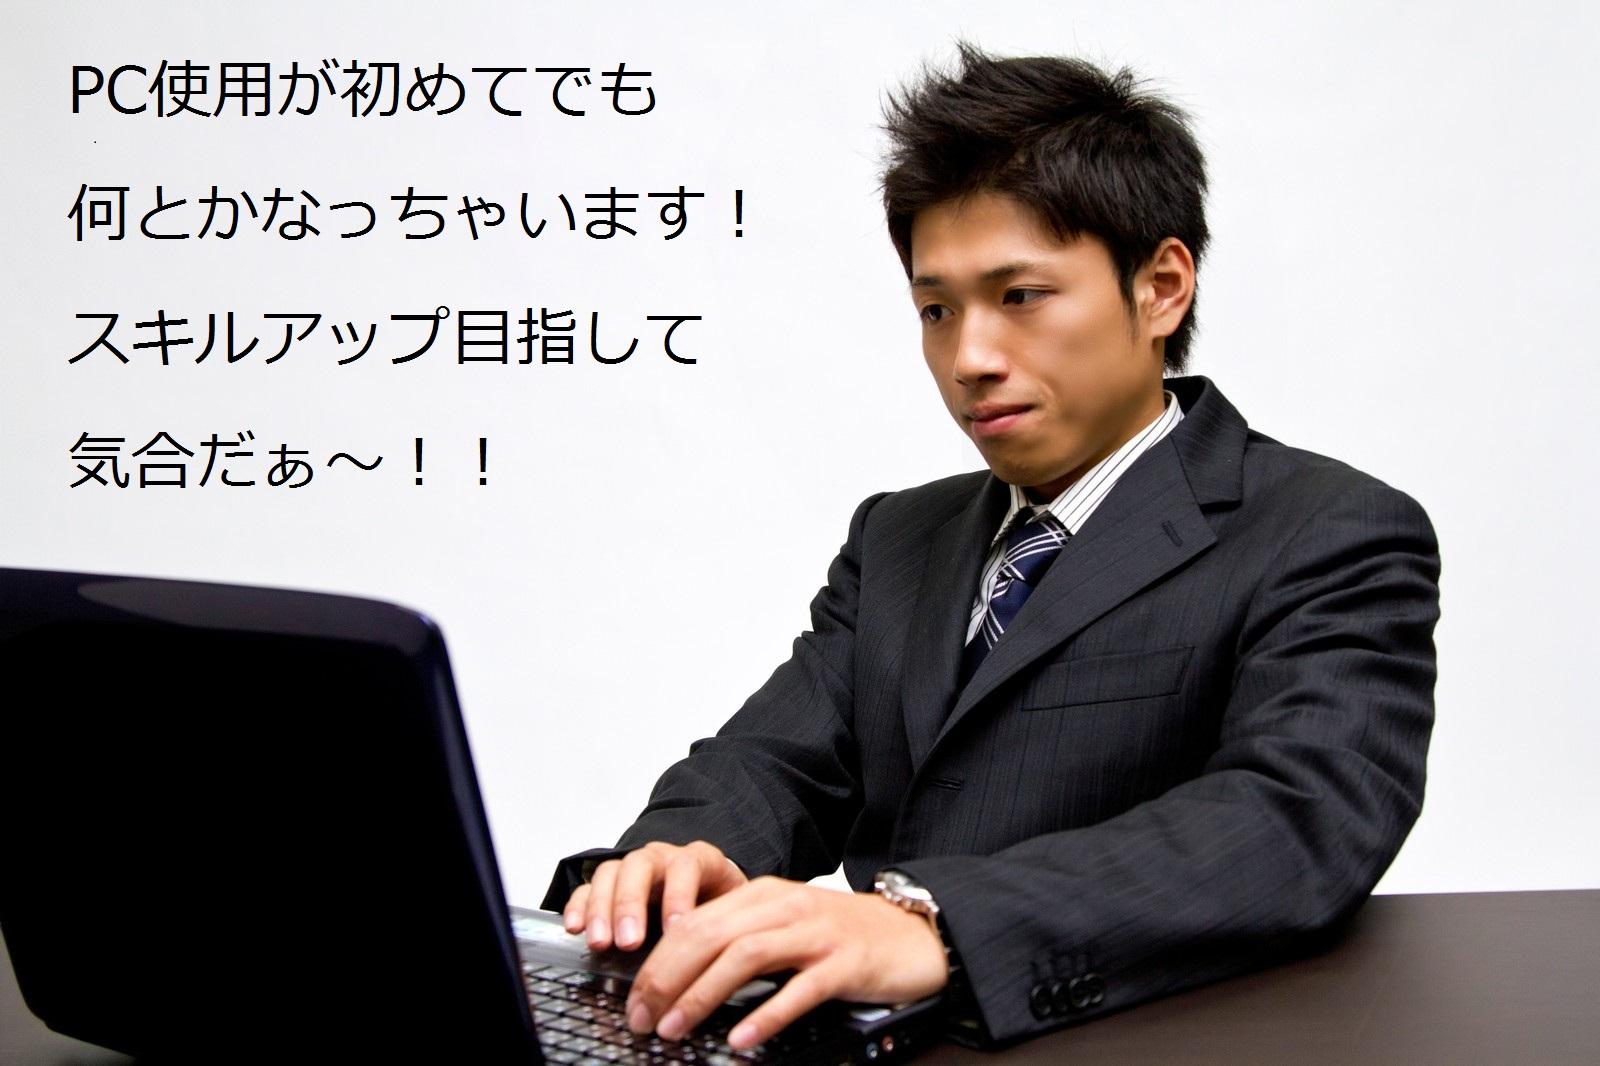 【飯田橋の求人】データの解析業務 PC基本操作出来ればOKです